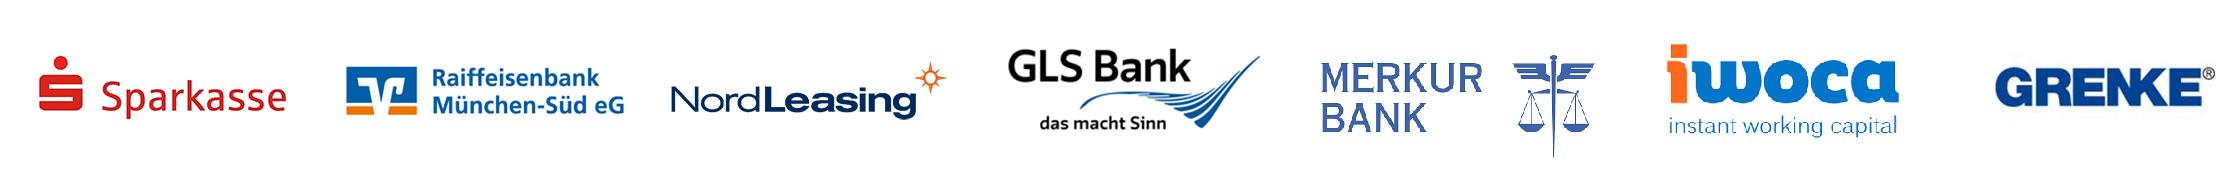 Logos der Finanzierungspartner der SimmCon GmbH